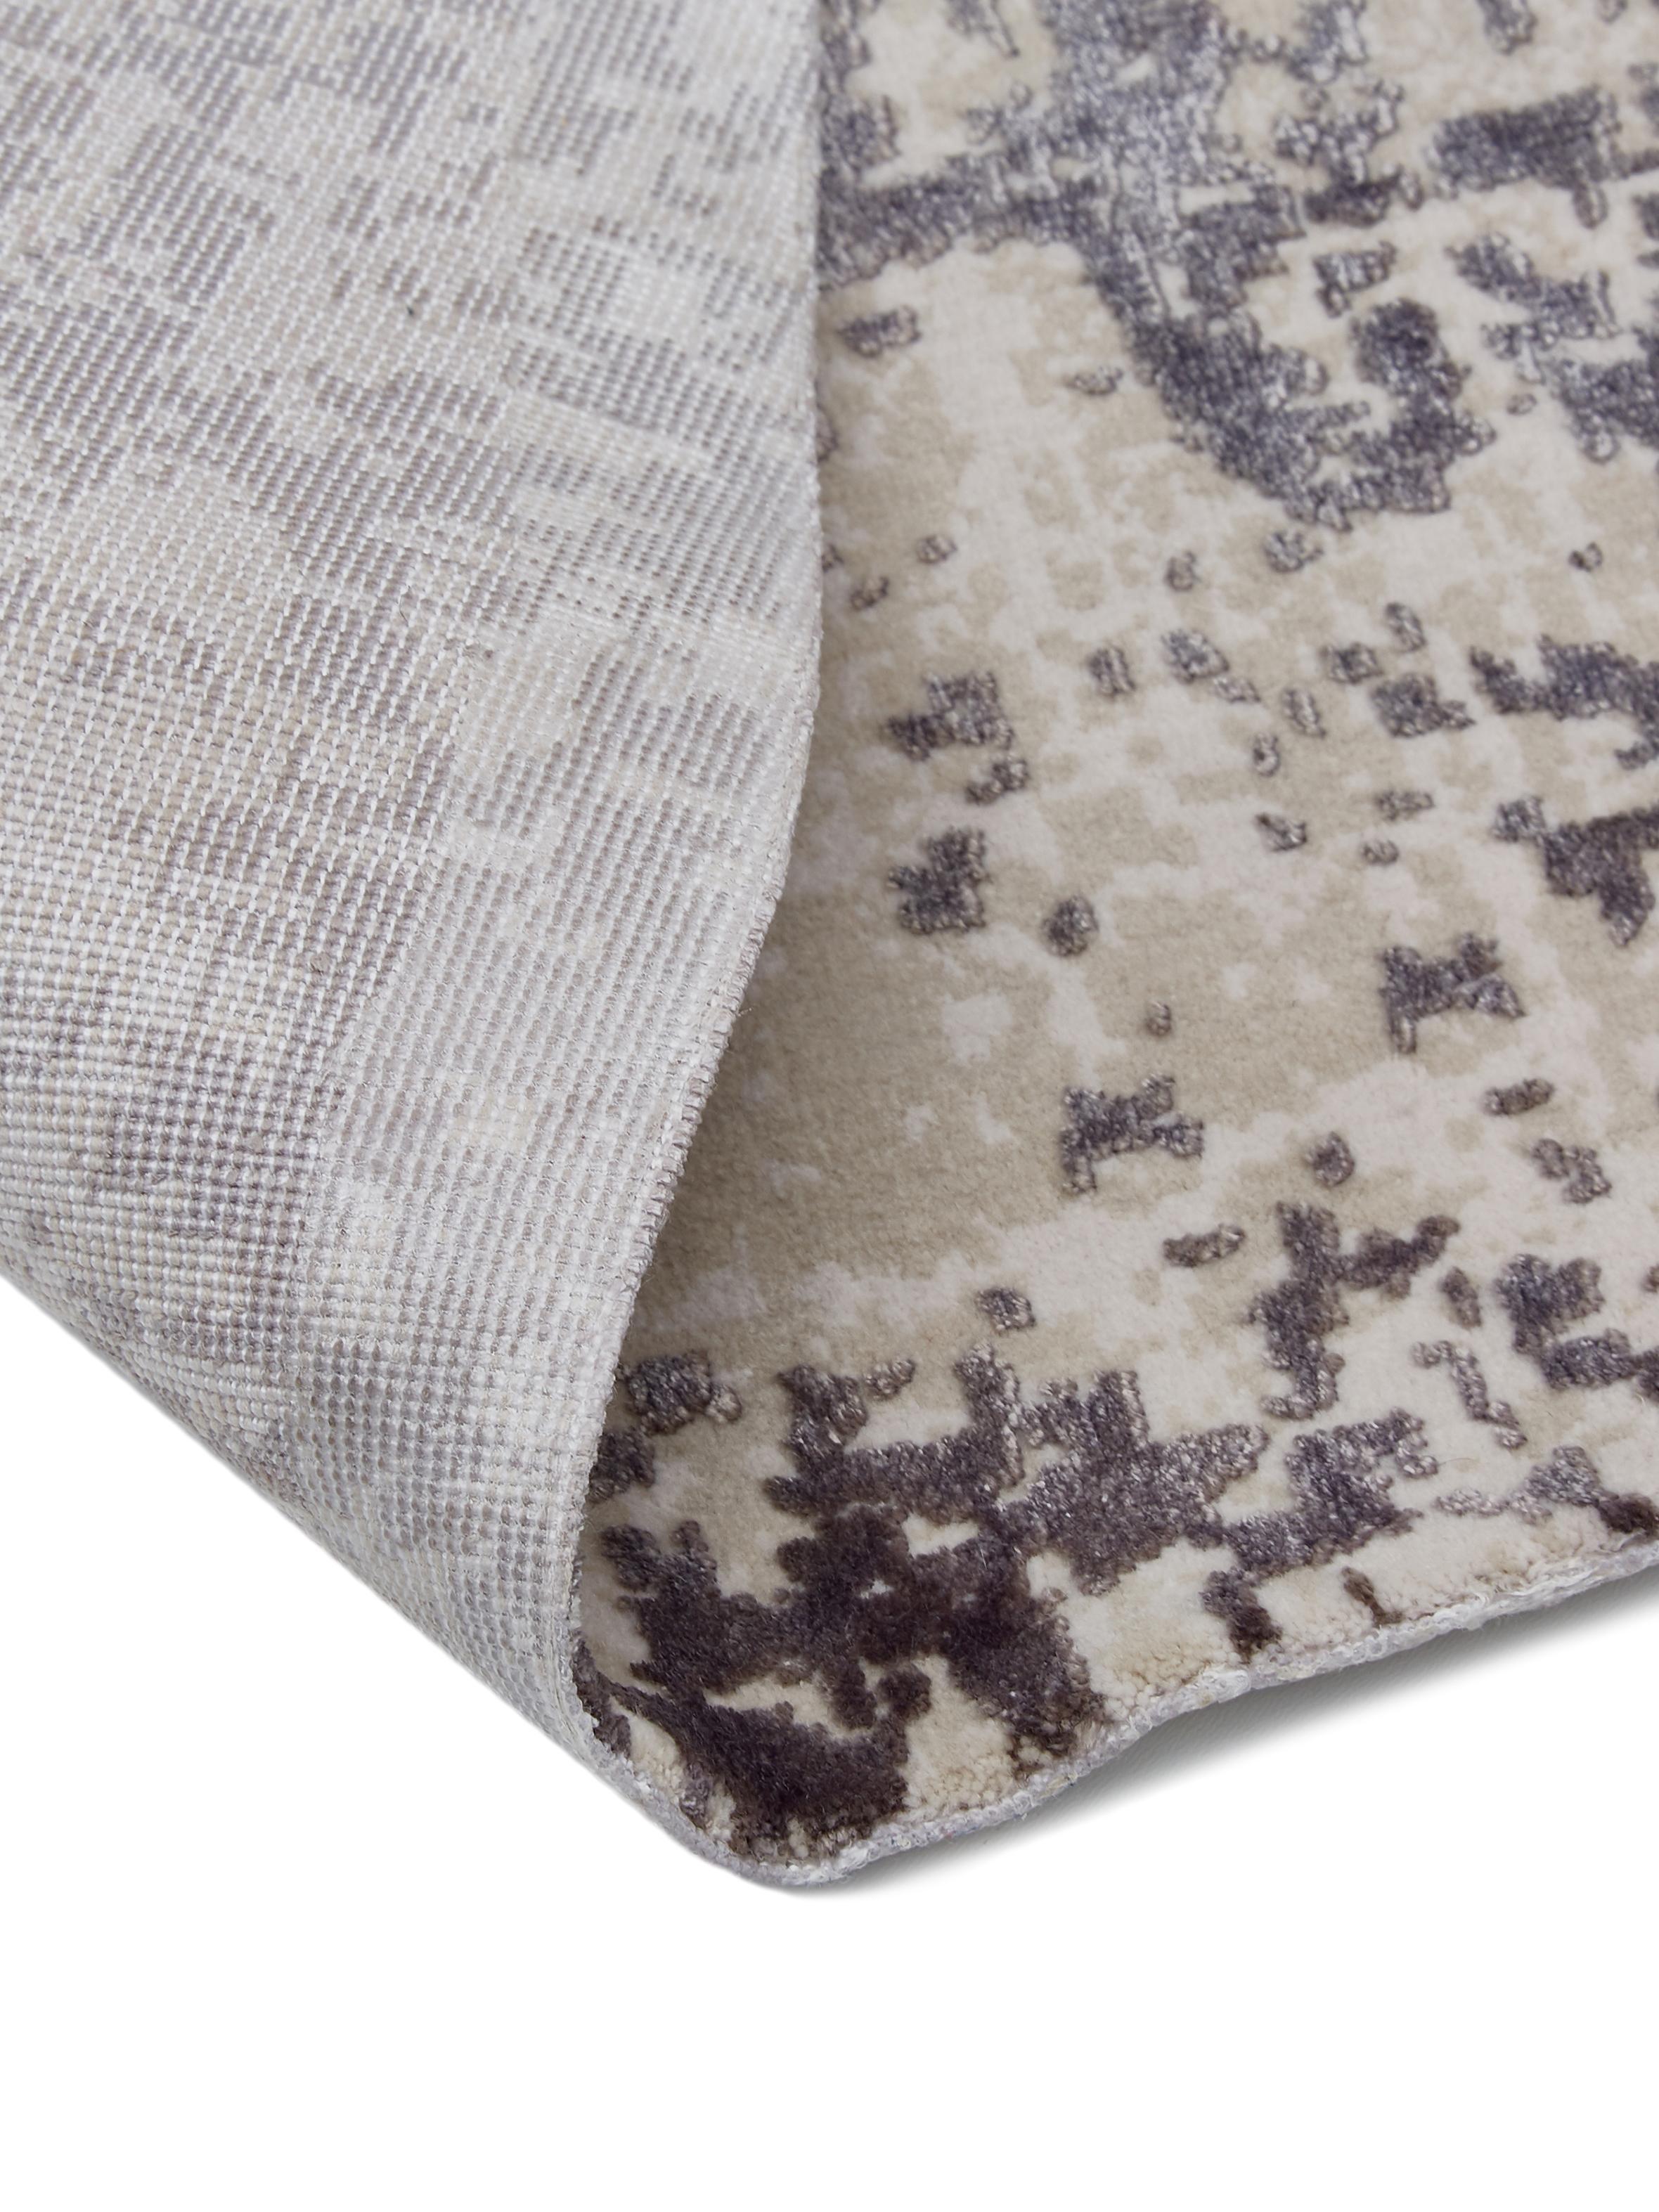 Runder Vintage Teppich Cordoba, schimmernd, Flor: 70% Acryl, 30% Viskose, Hellgrau, Dunkelgrau, Ø 150 cm (Größe M)